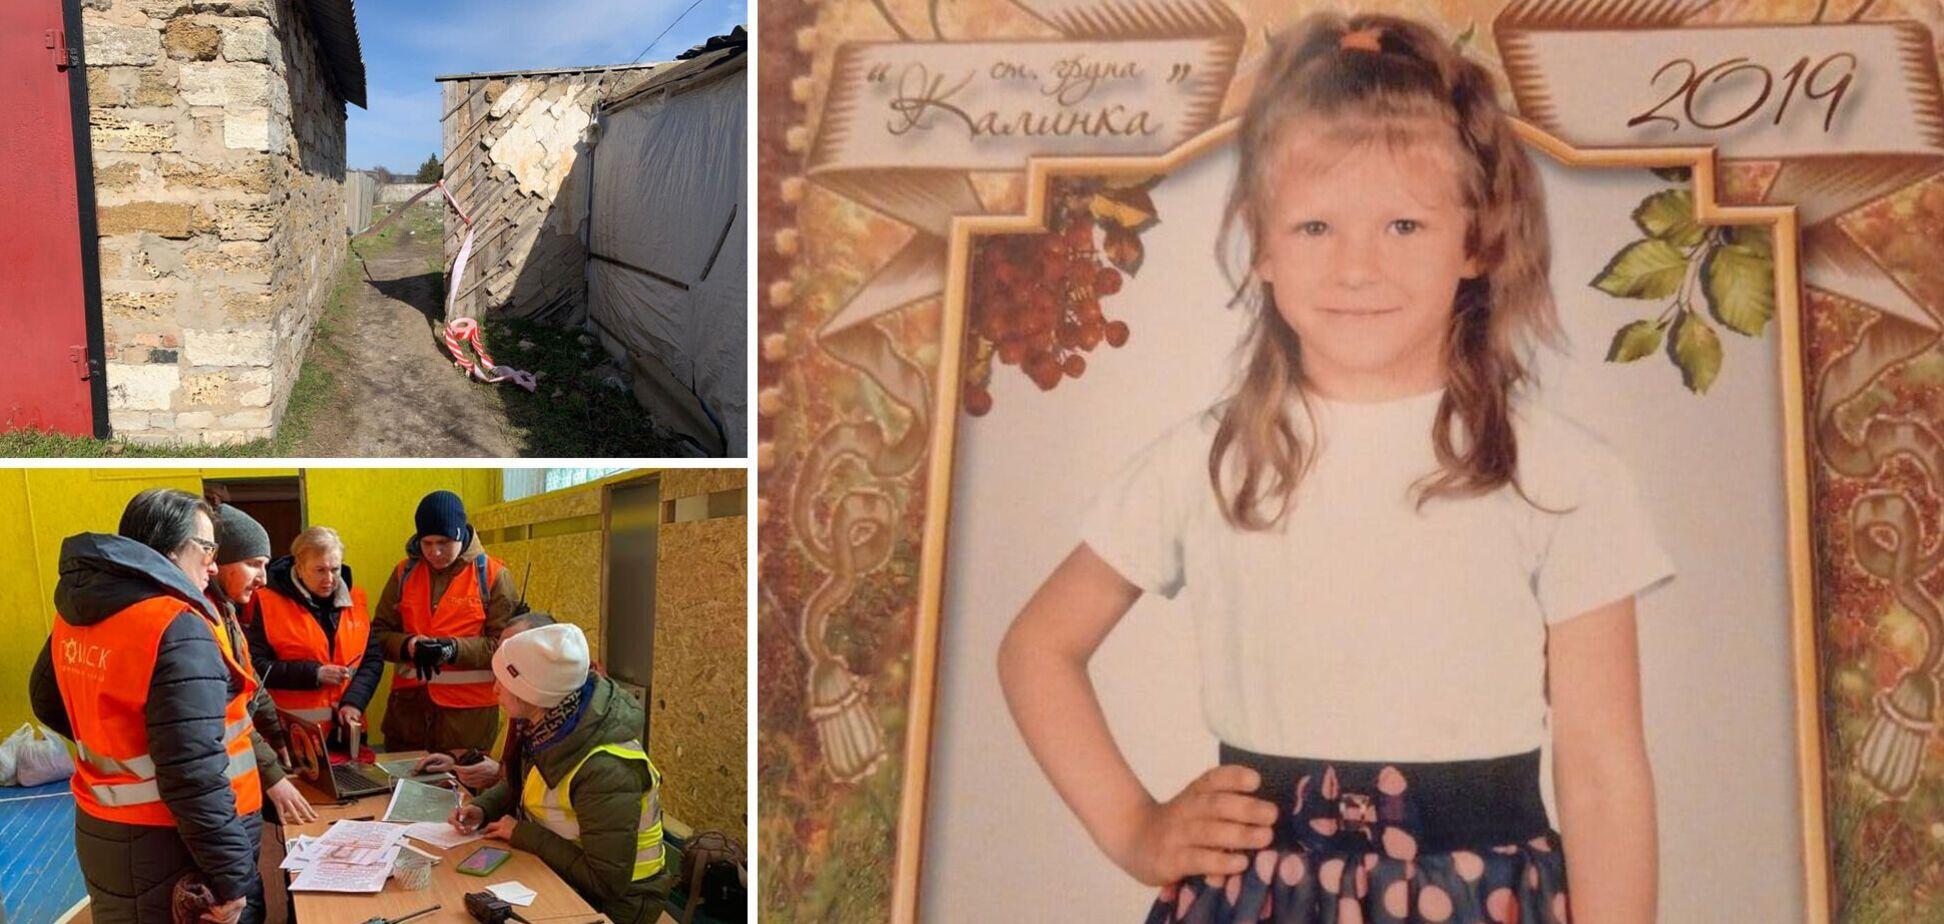 Діти гуляли, але ніхто не помітив, як зникла: деталі загадкової загибелі 7-річної Марійки на Херсонщині